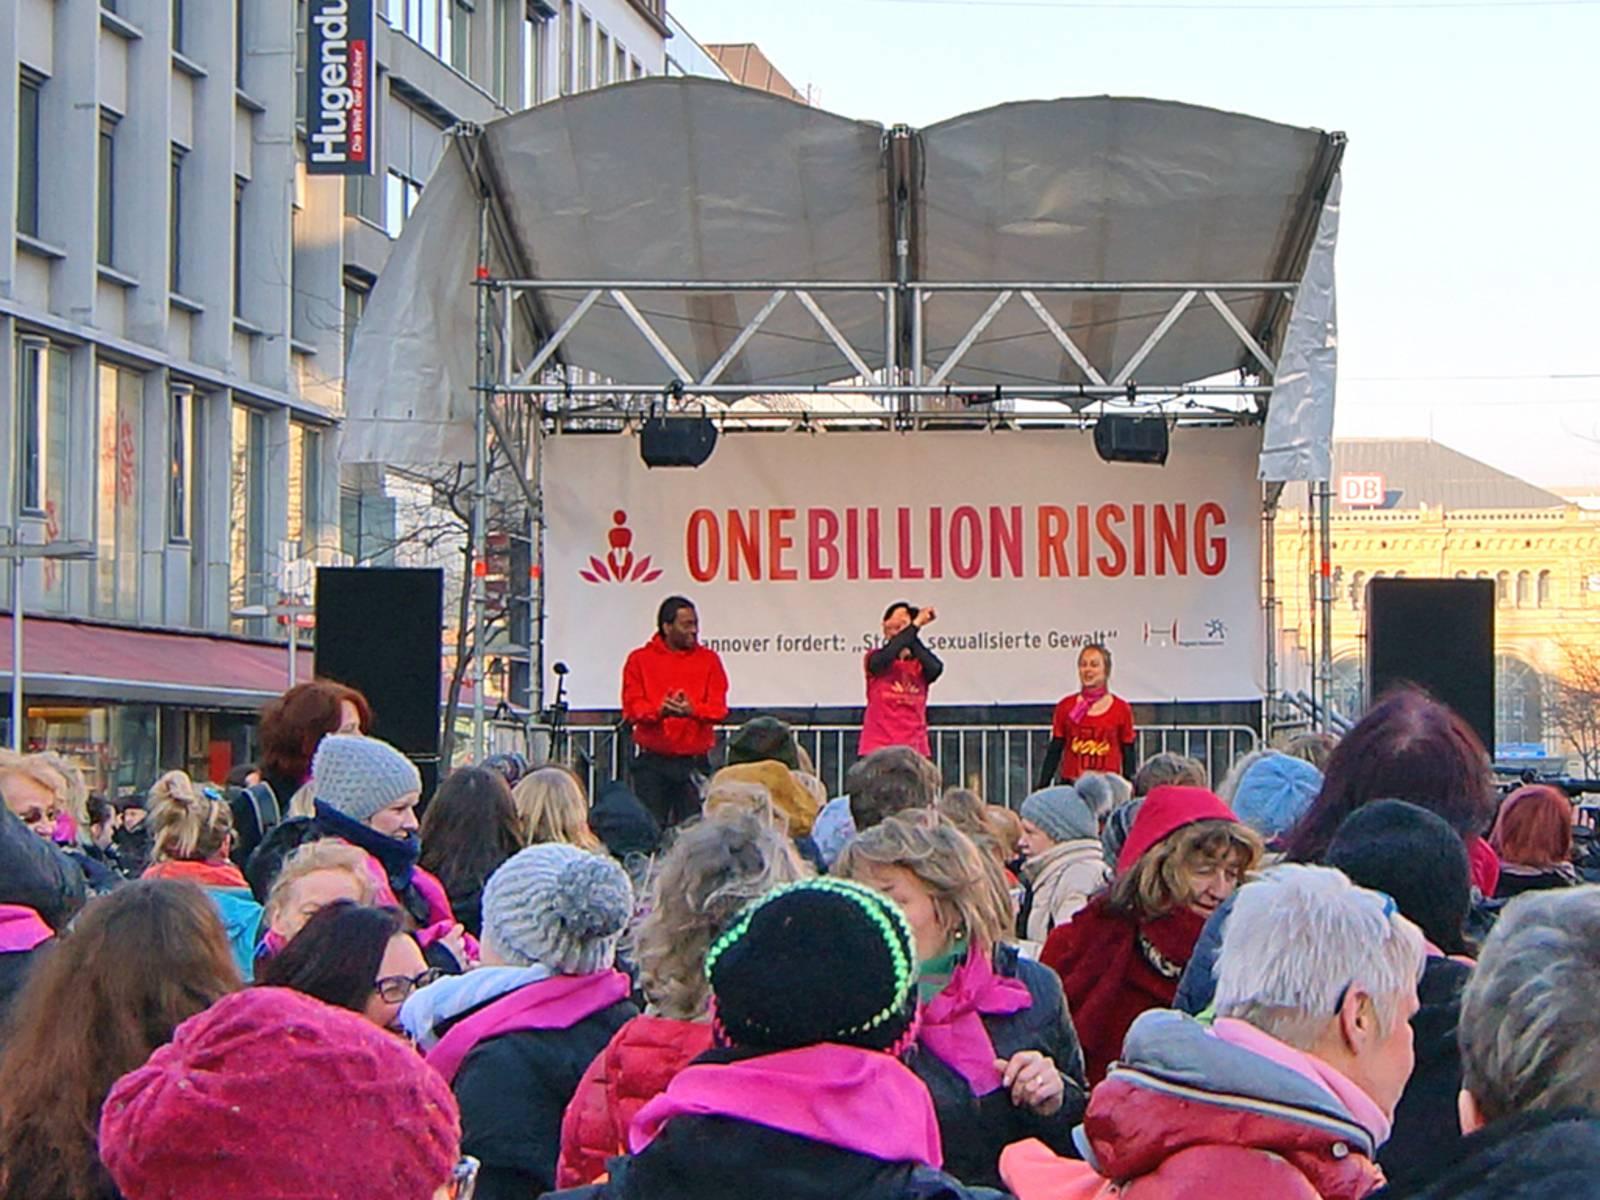 Tanzende Menschen auf dem Kröpcke, im Hintergrund eine Bühne